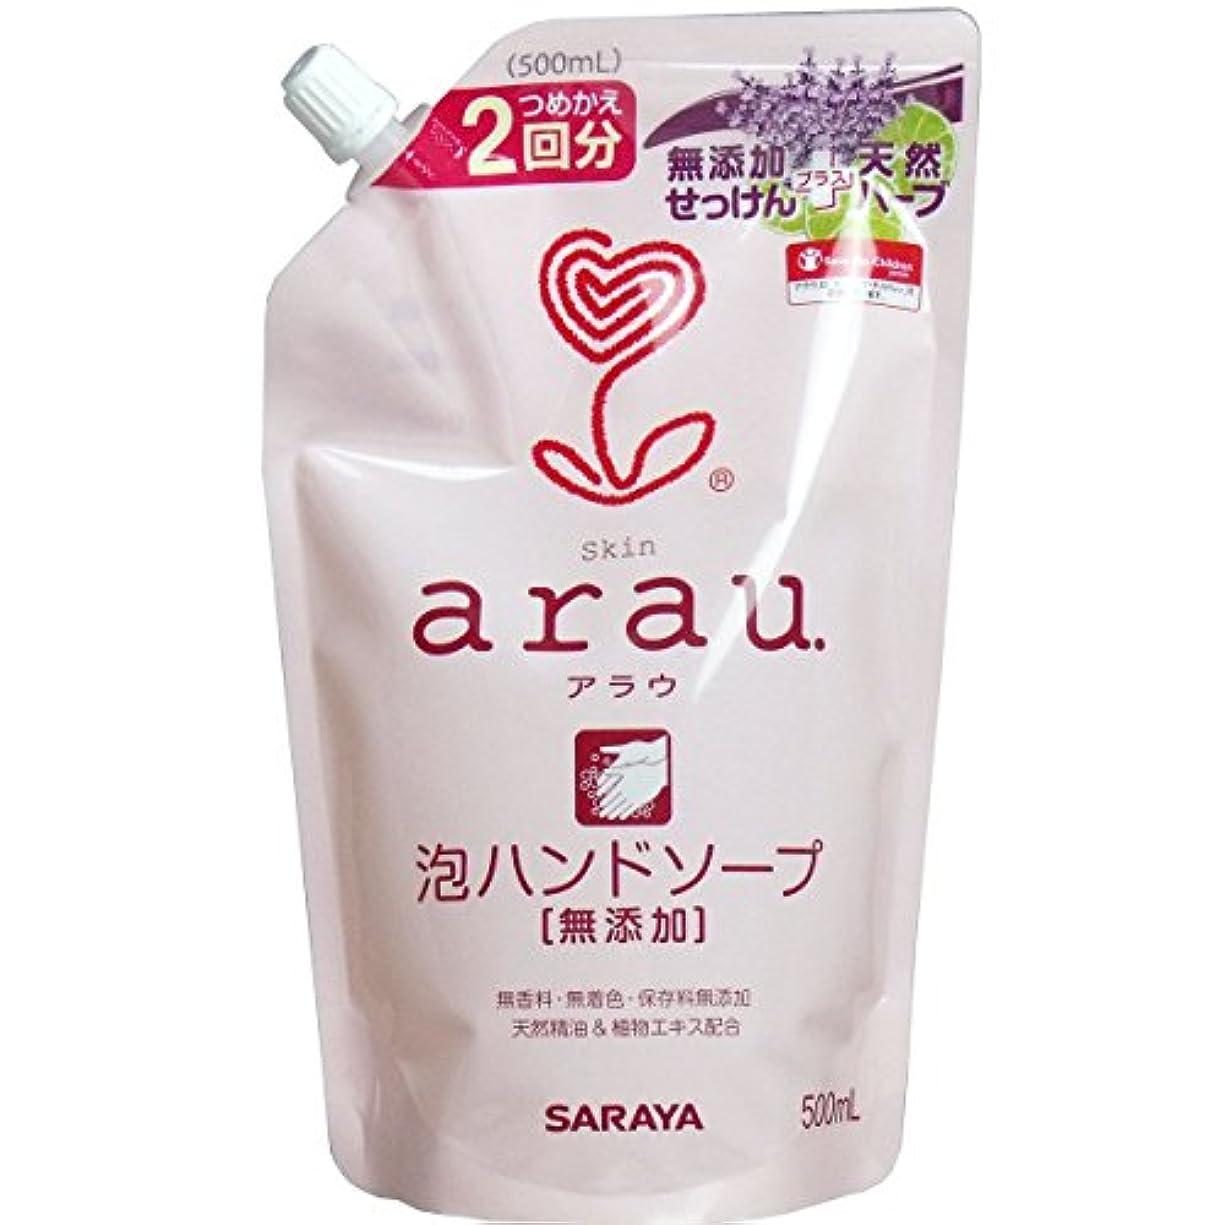 バクテリア常習的効率的に(お徳用10セット)arau.(アラウ) 泡ハンドソープ つめかえ用 500ml×10セット